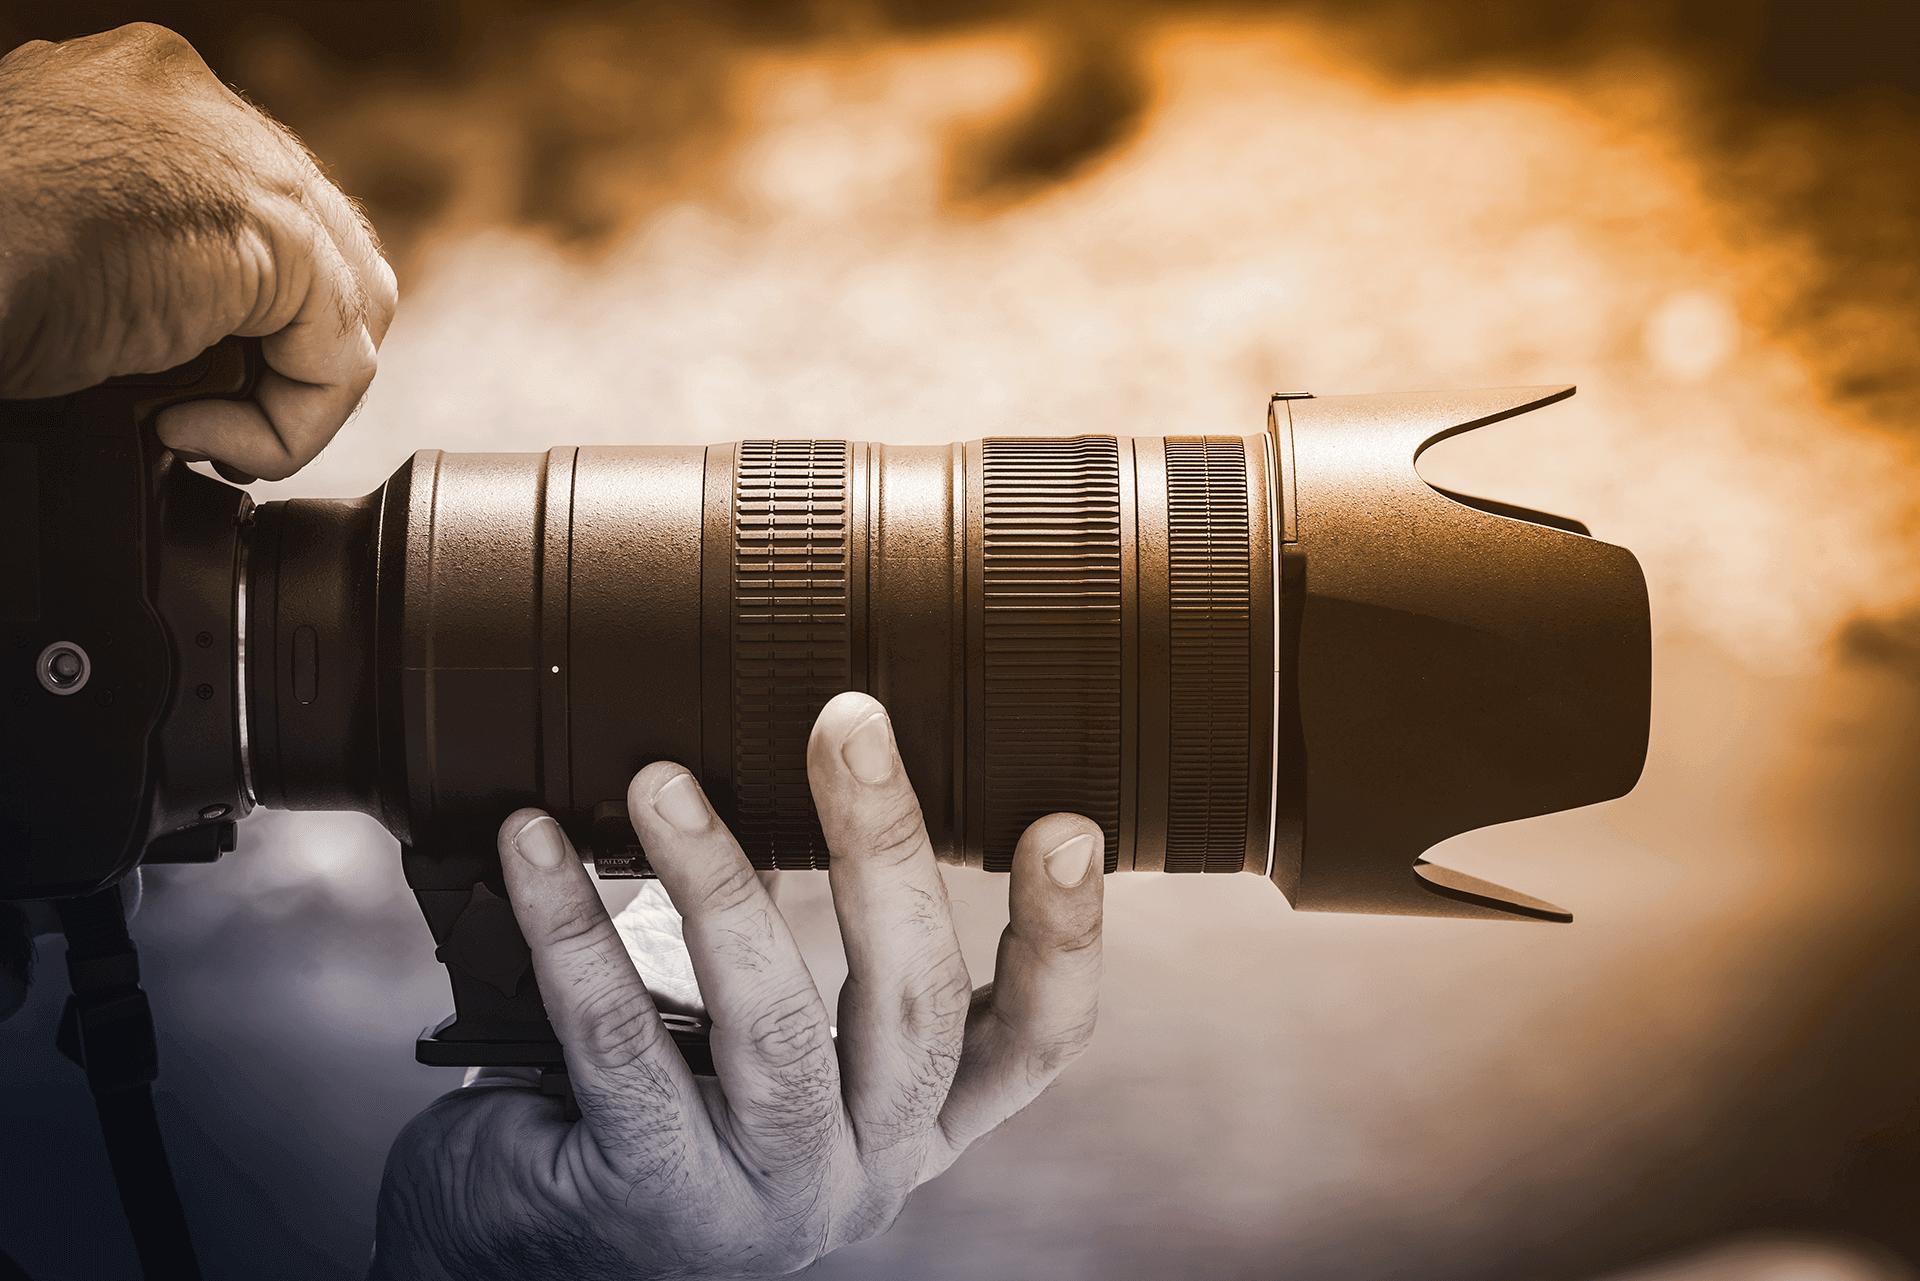 Como para aprender fotografia digital